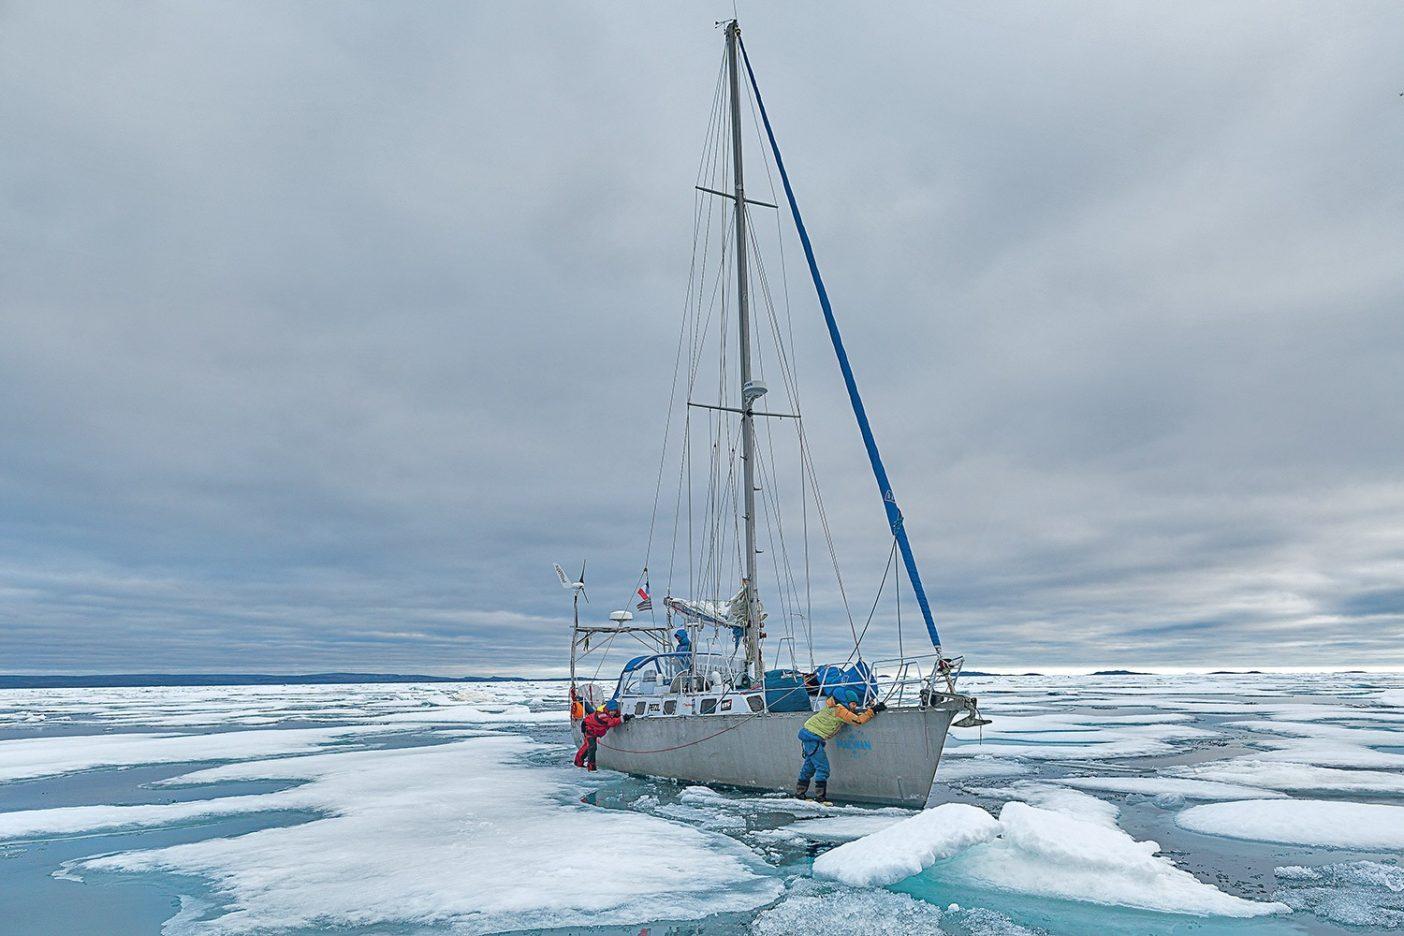 北西航路のど真ん中でメイワン4 号を誘導するショーン・ヴィラヌエバ・オドリスコールとニコ・ファブレス。カナダ北極圏 Photo: Christophe Stramba-Badiali